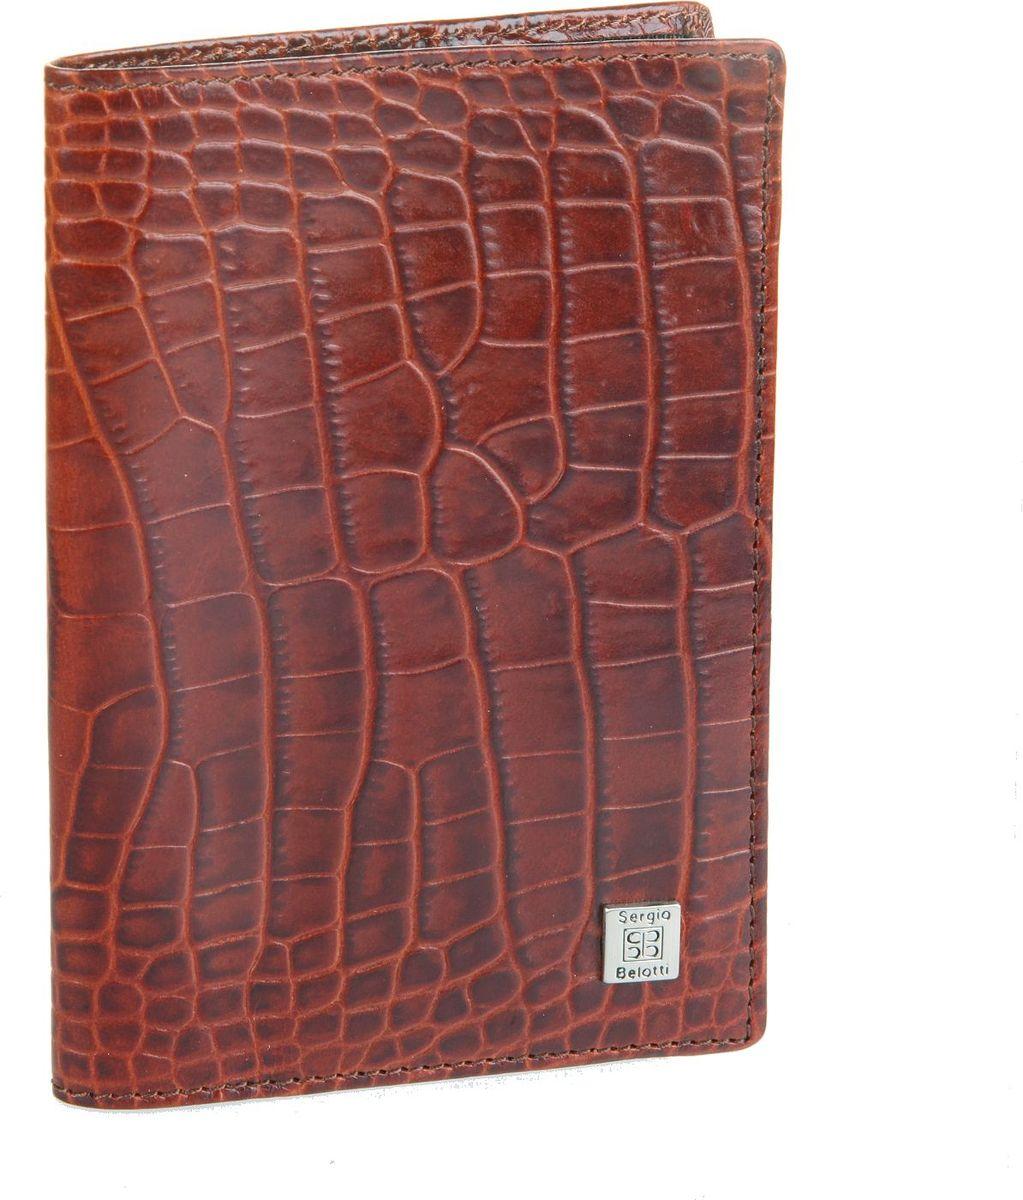 Обложка для паспорта женская Sergio Belotti, цвет: коричневый. 2464325_коричневыйОбложка для паспорта женскаяSergio Belotti выполнена из натуральной кожи. Модель раскладывается пополам,внутри левое поле (ширина 7 см), правое поле - сетка (ширина 4 см), содержит один карман для документов и карман для sim-карты.